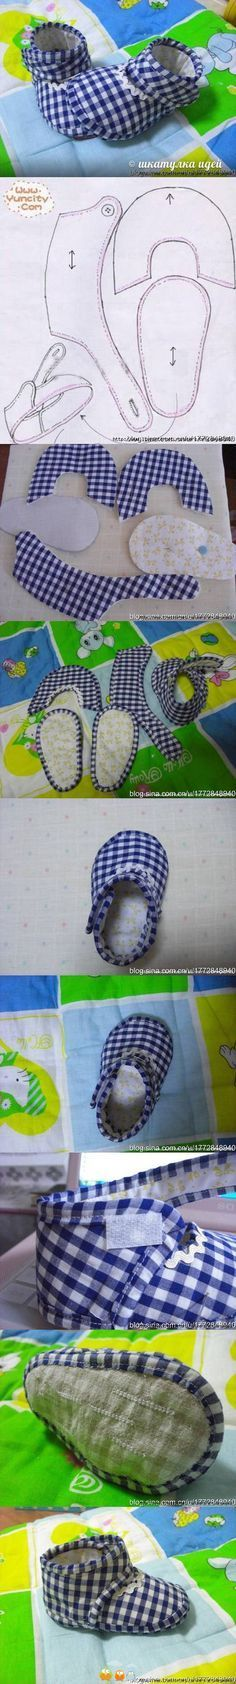 寶寶鞋製作     寶寶鞋紙型     \                             鞋底紙型         做法教學     1.       2.       3.       4.           5.